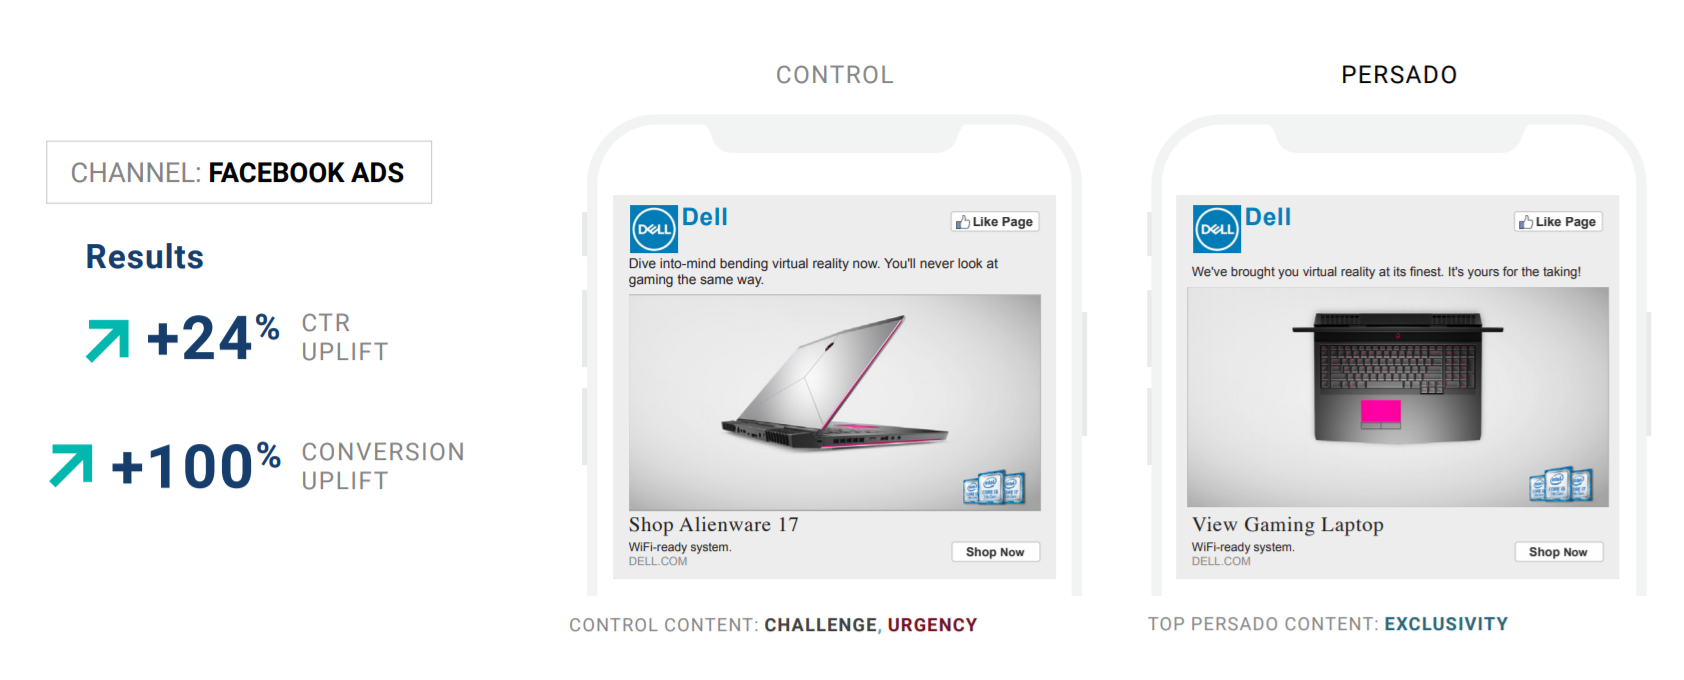 Dell + Persado partnership